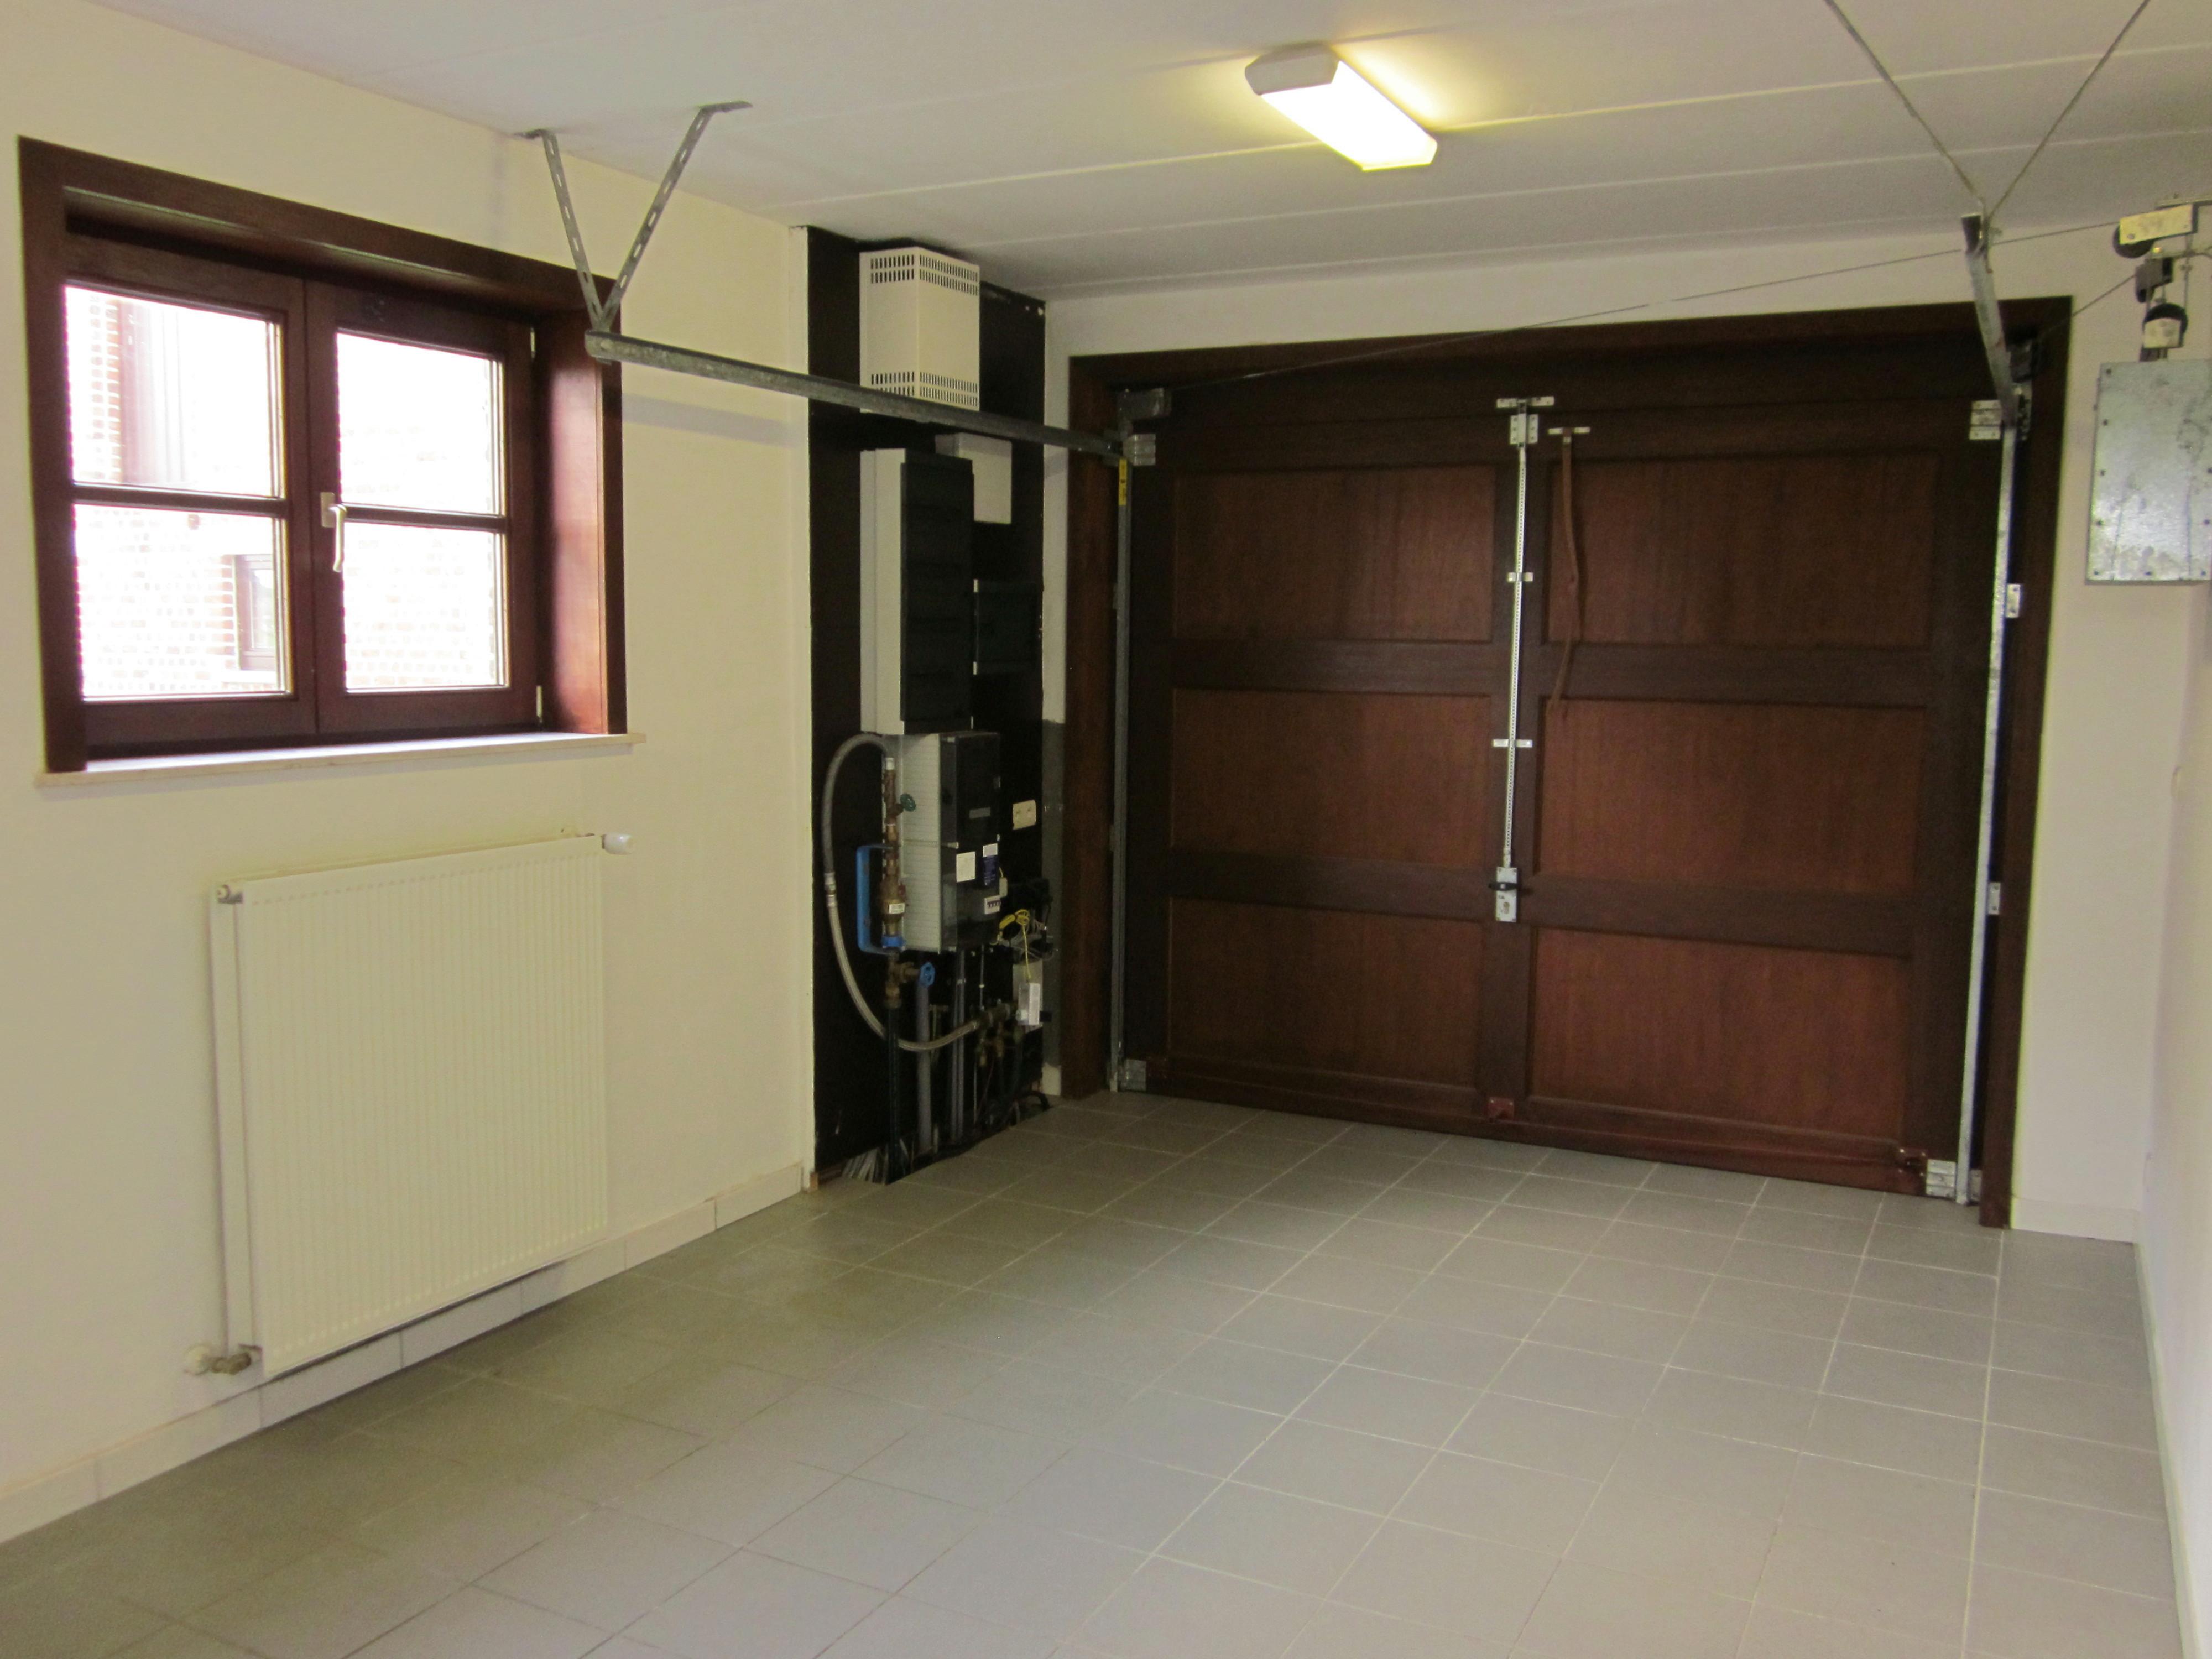 PRINSESTRAAT 1A - garage